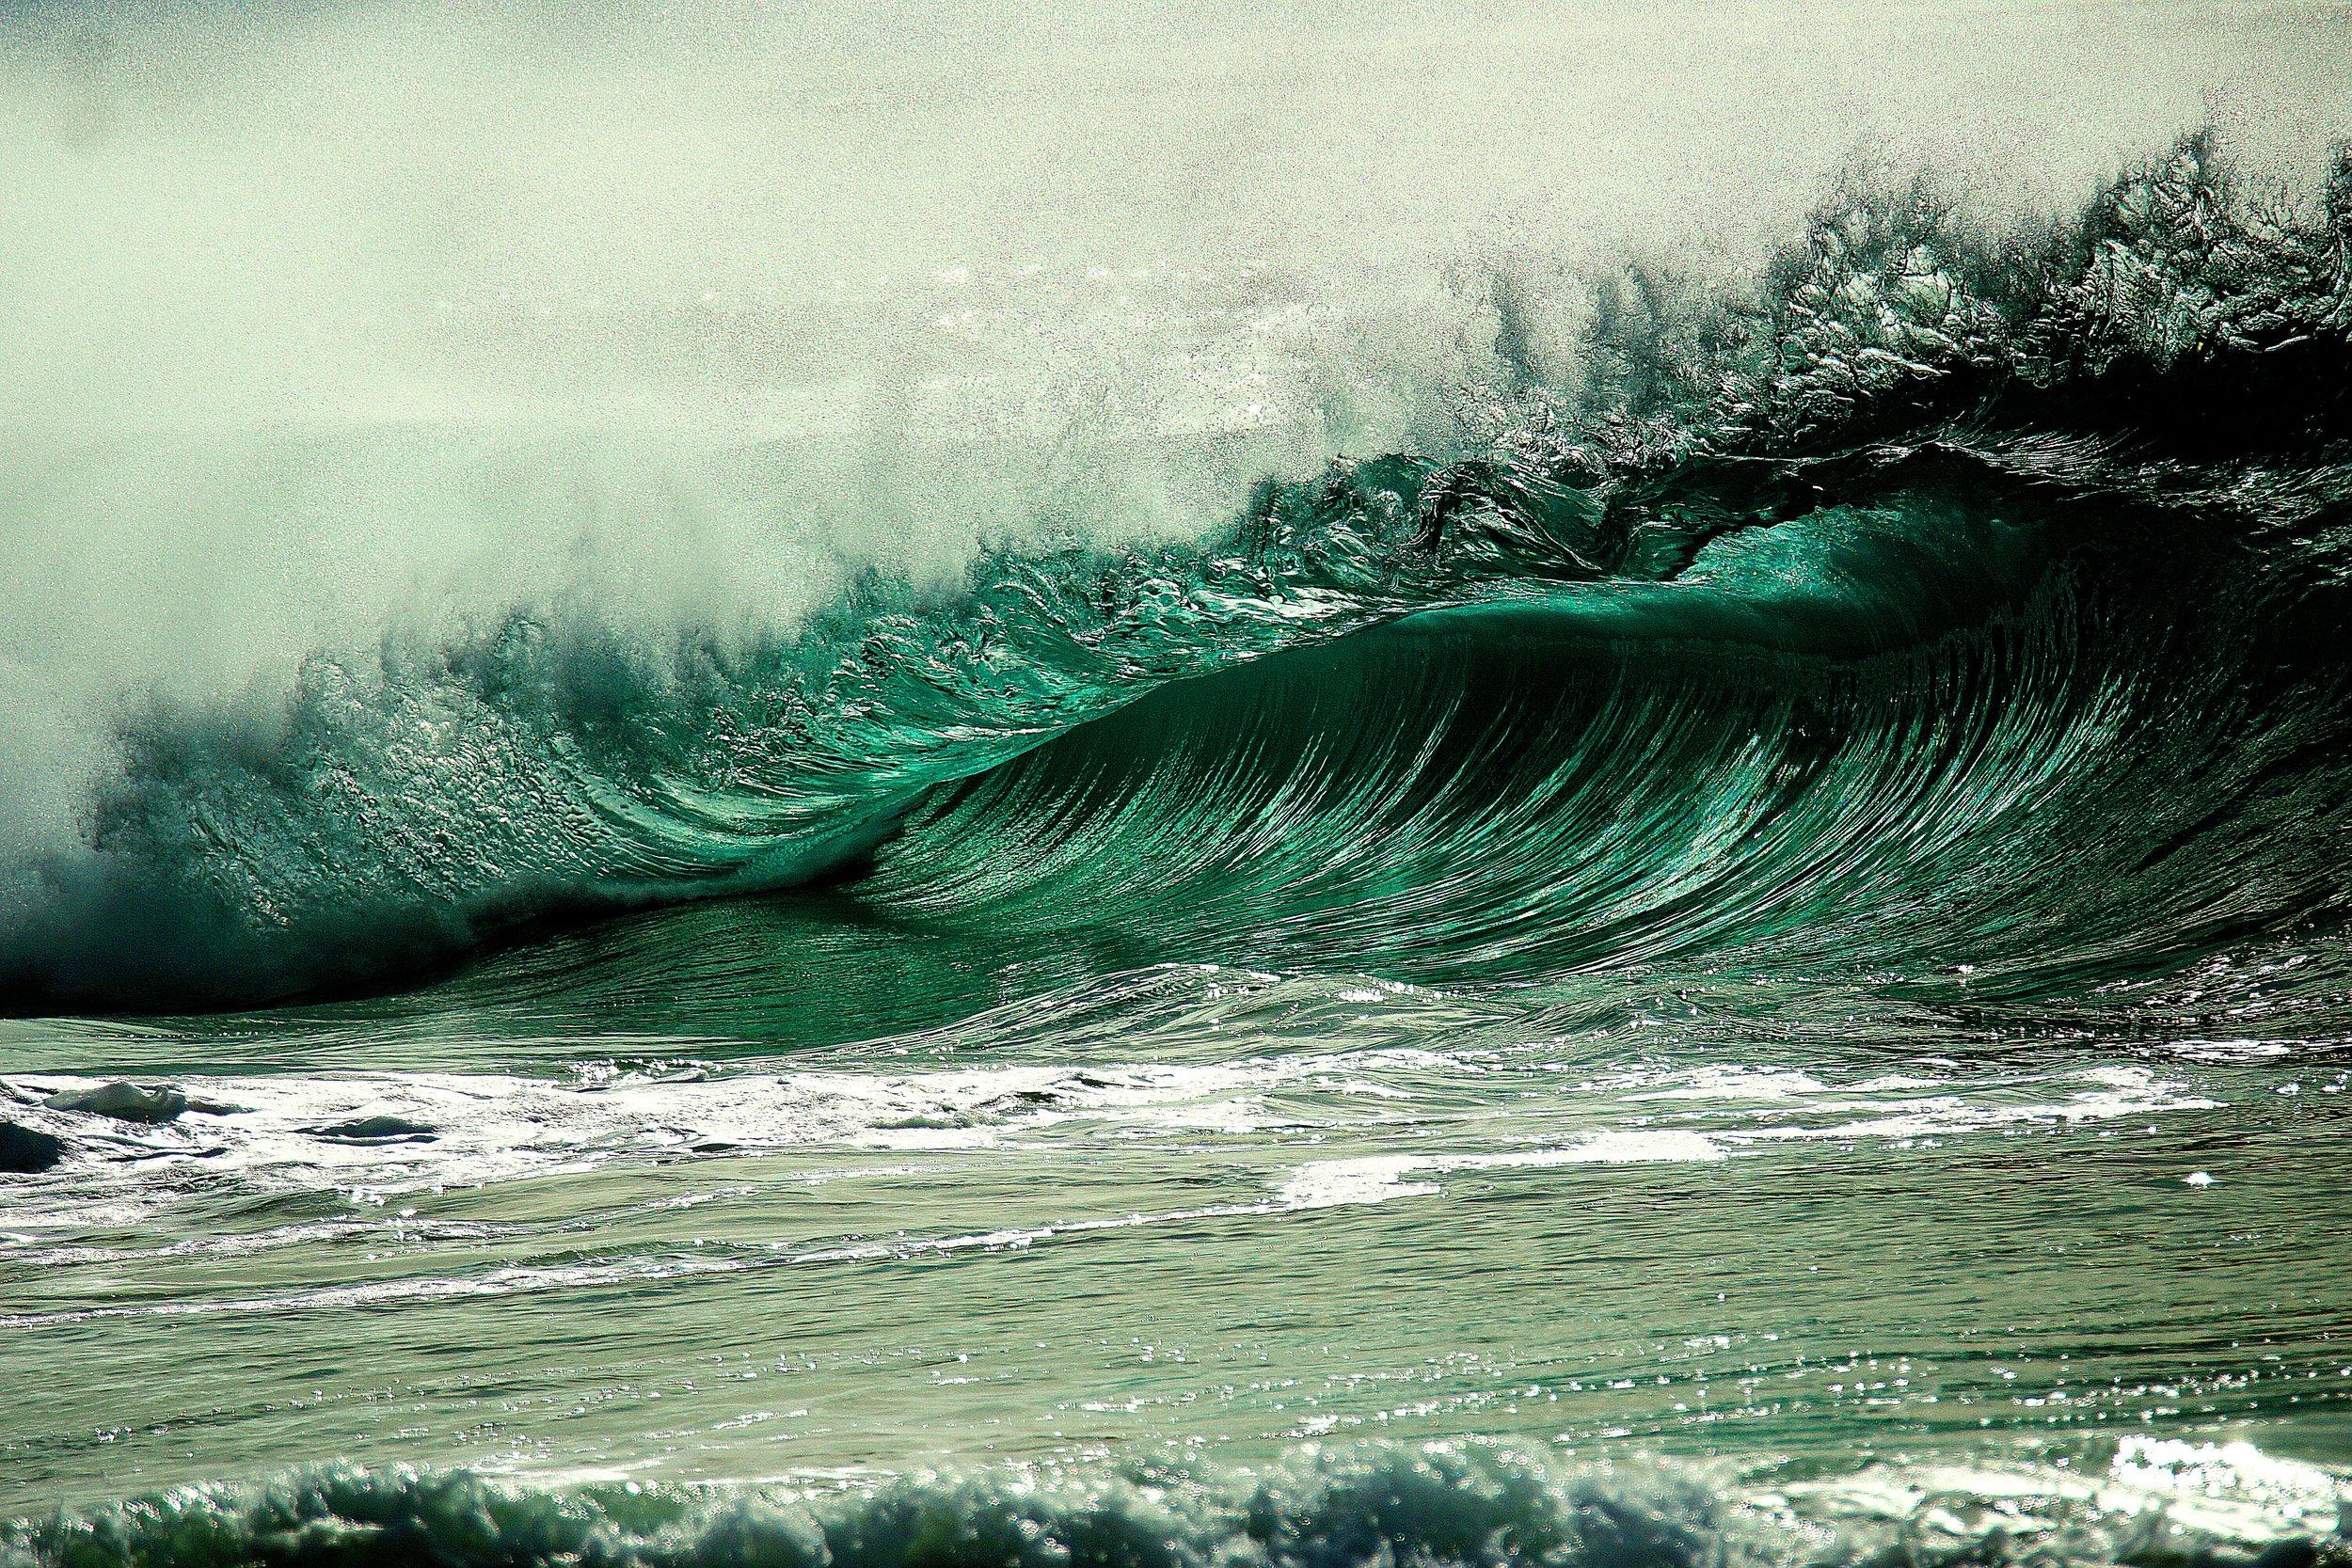 beach-foam-landscape-728880.jpg